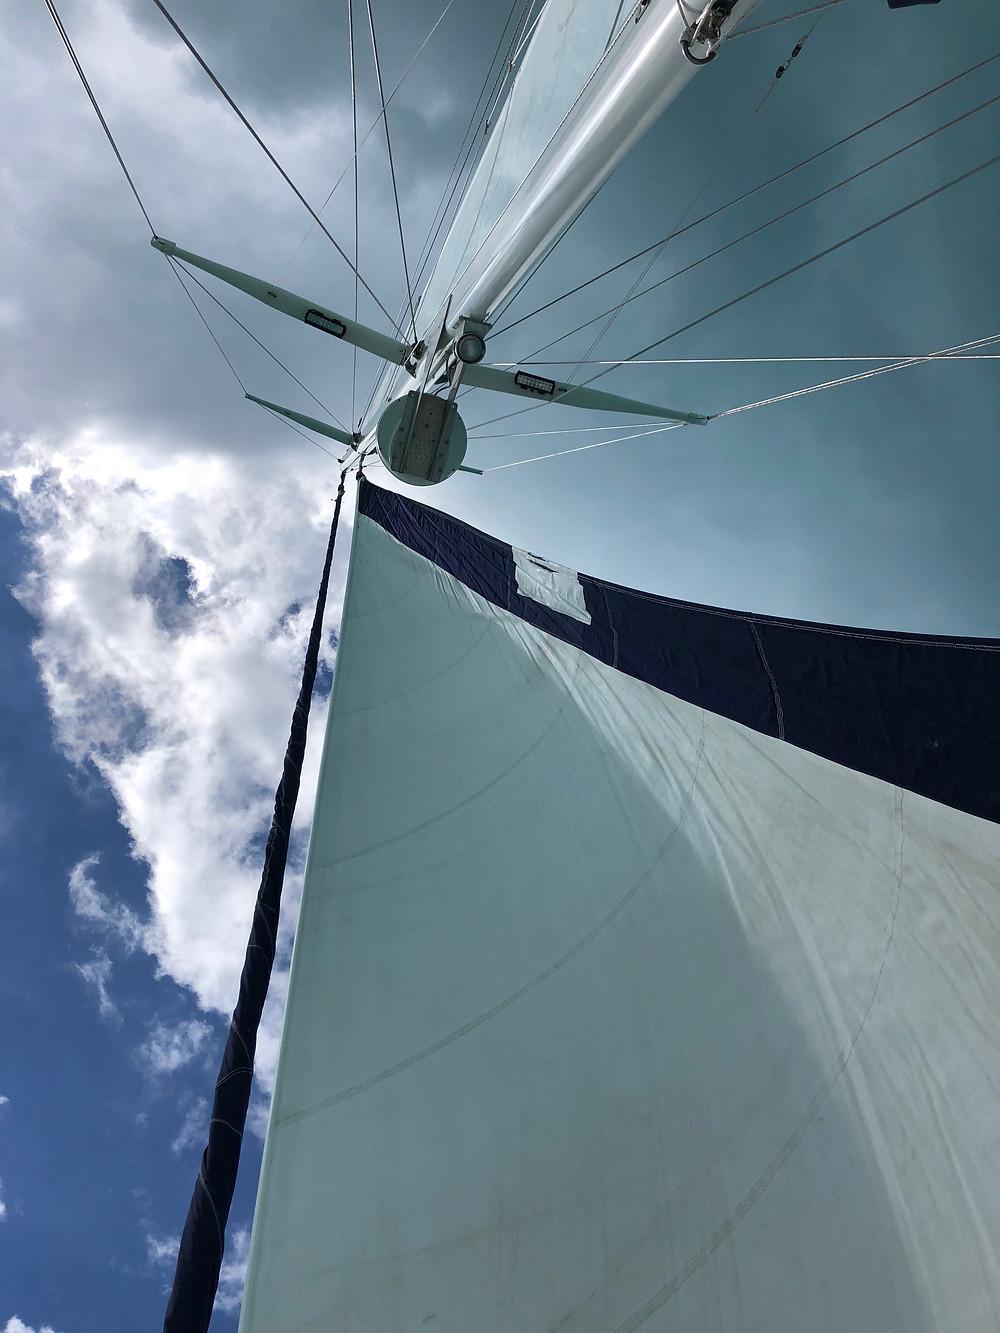 Sailing Mast facing the sky